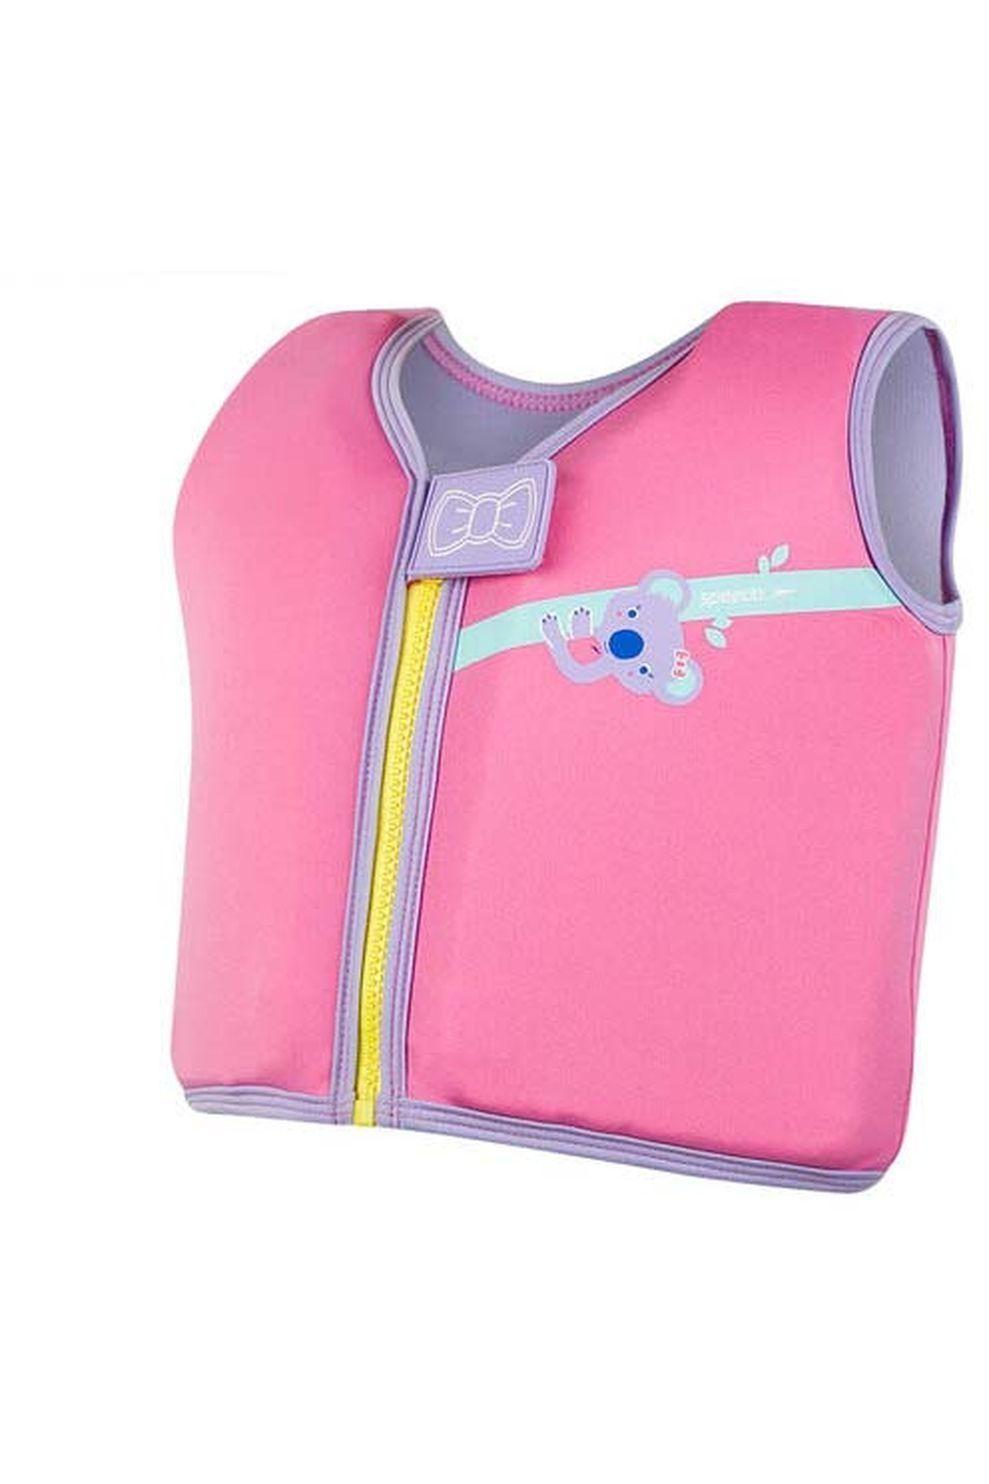 Speedo Zwemvest Print Float voor meisjes - Roze - Maten: 2, 4